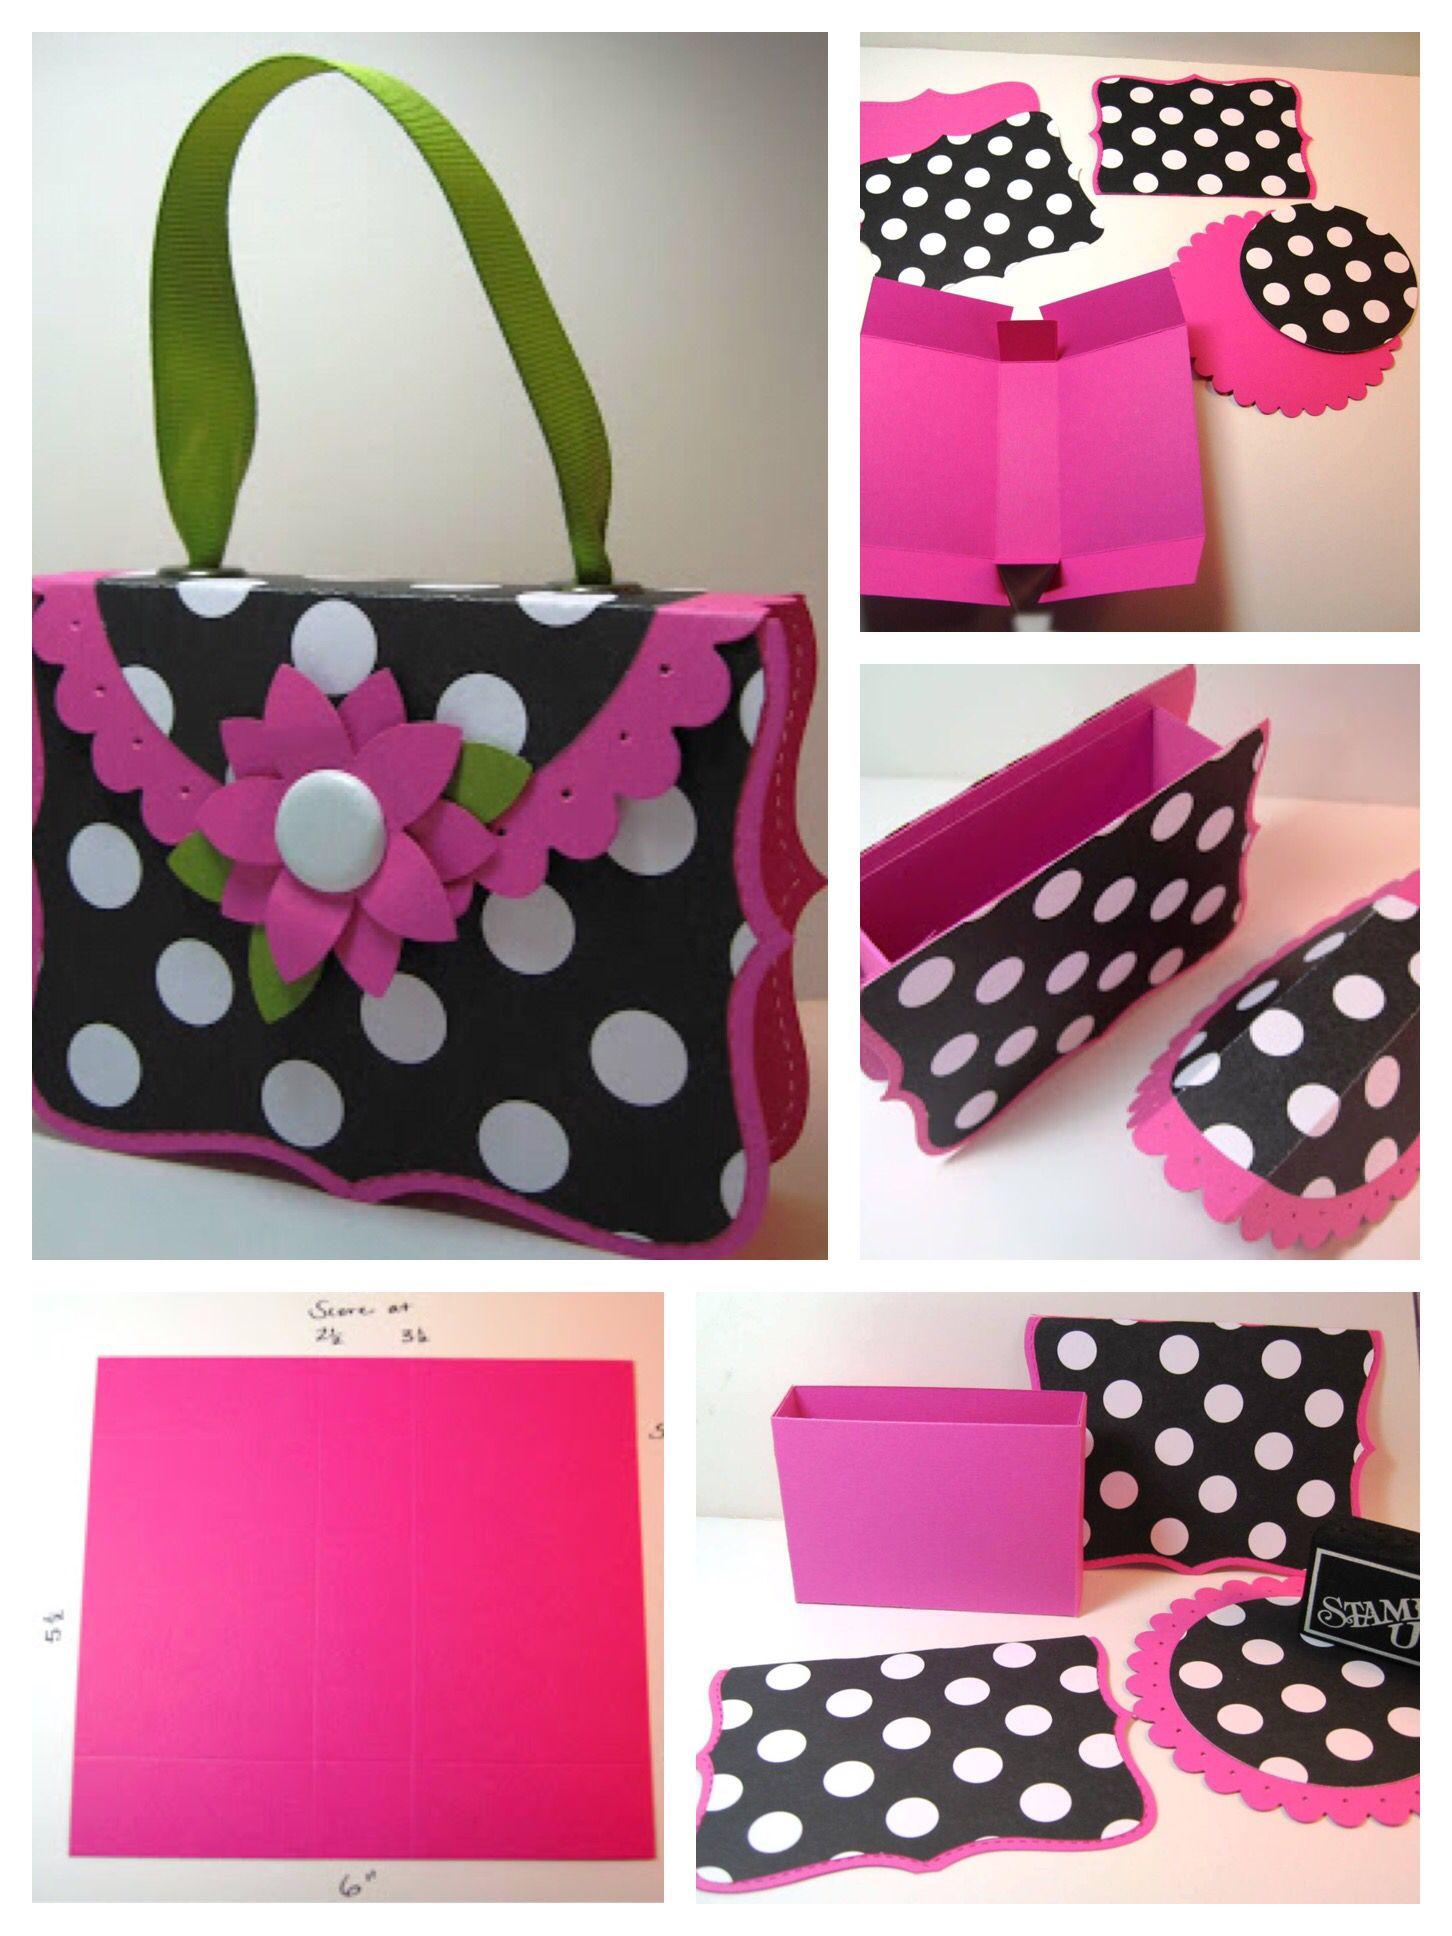 Thanks http://inkingidaho.blogspot.com/2009/03/top-note-purse-instructions.html?m=1